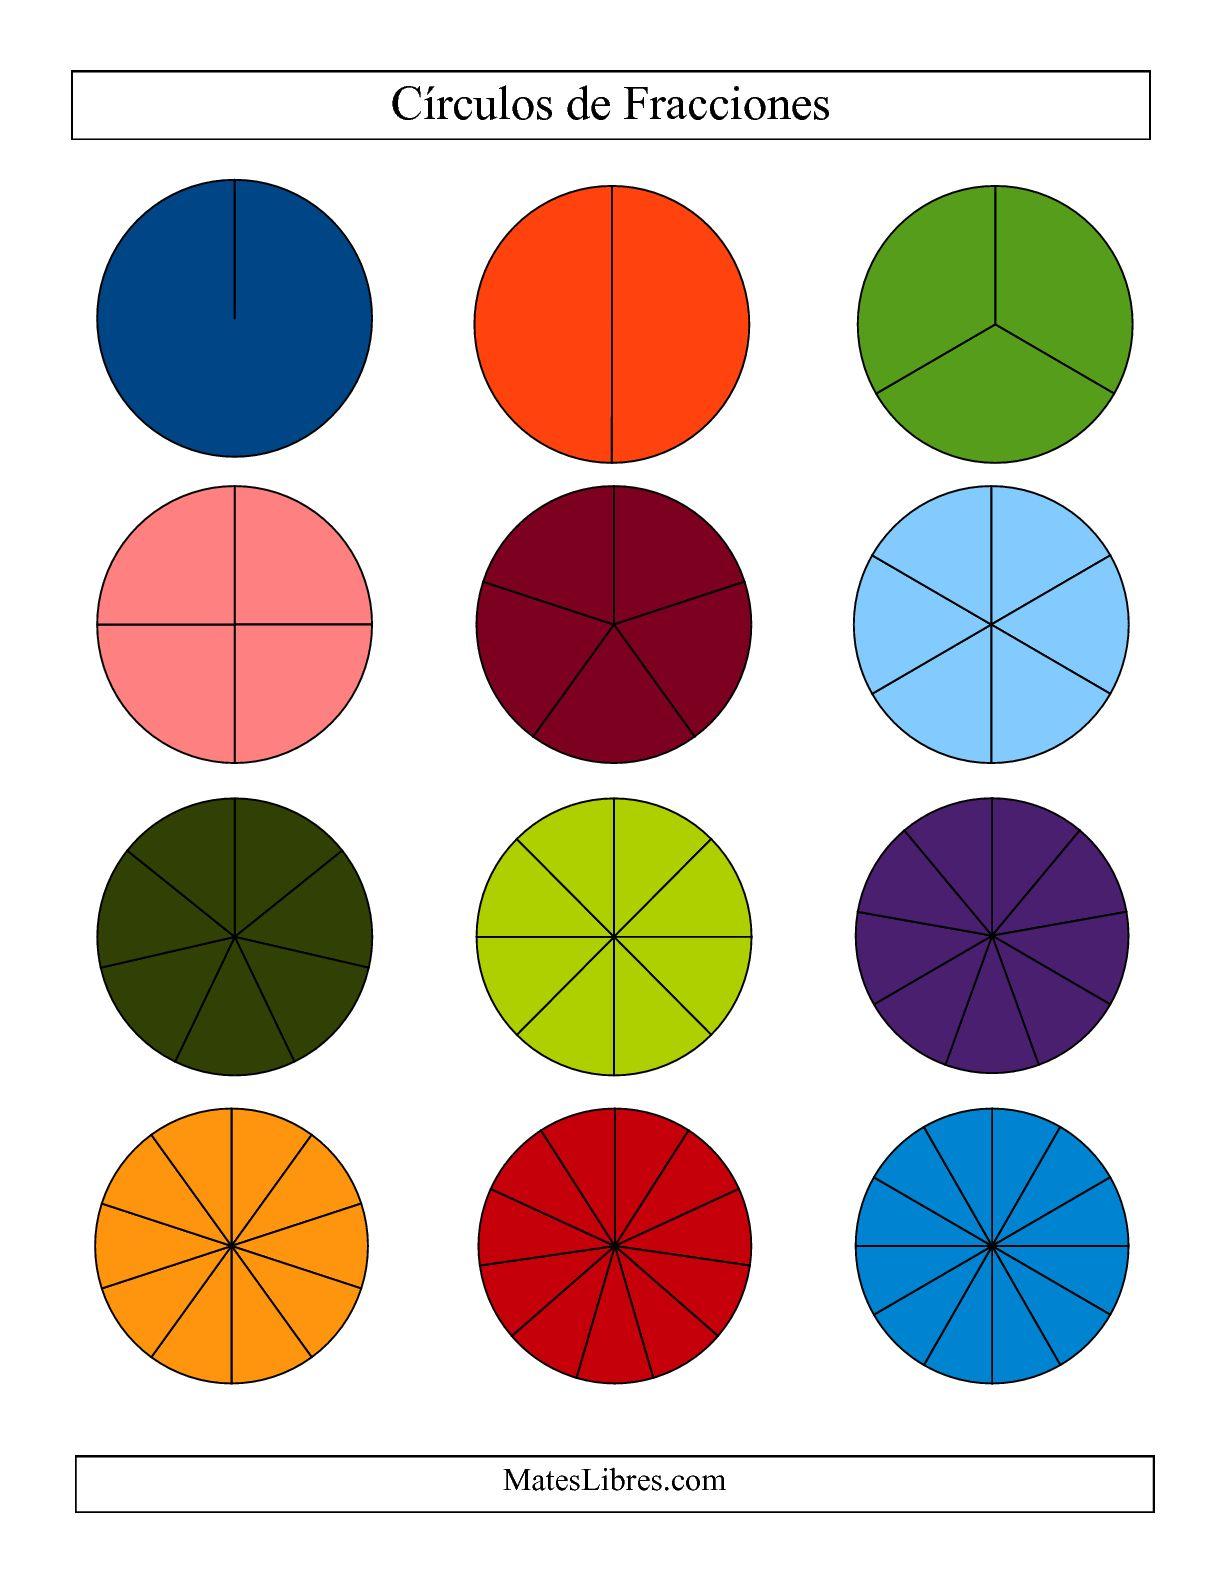 La Círculos de Colores de Fracciones sin Etiquetas (Pequeño) (F) Hoja de Ejercicio de Fracciones